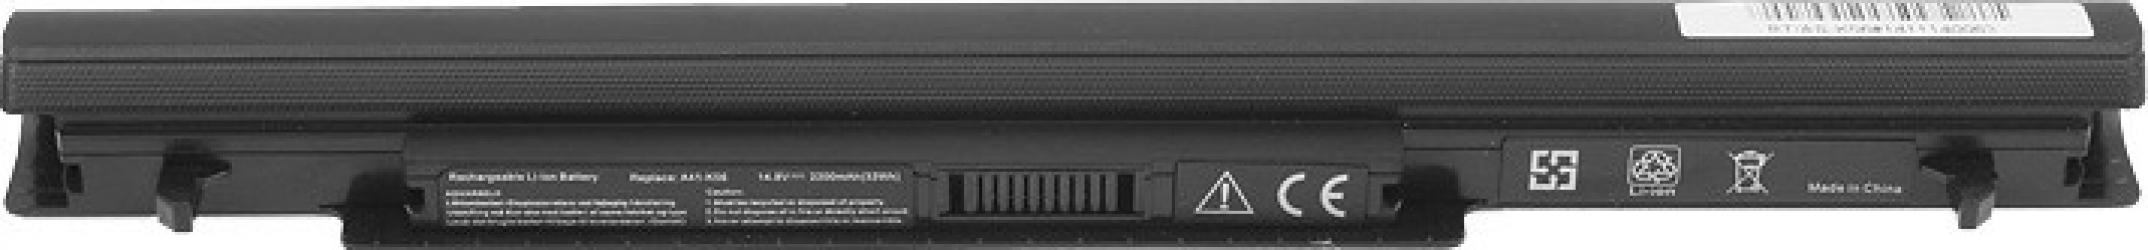 Baterie Laptop EcoBox Asus A46SV 2200 mAh A41-K56